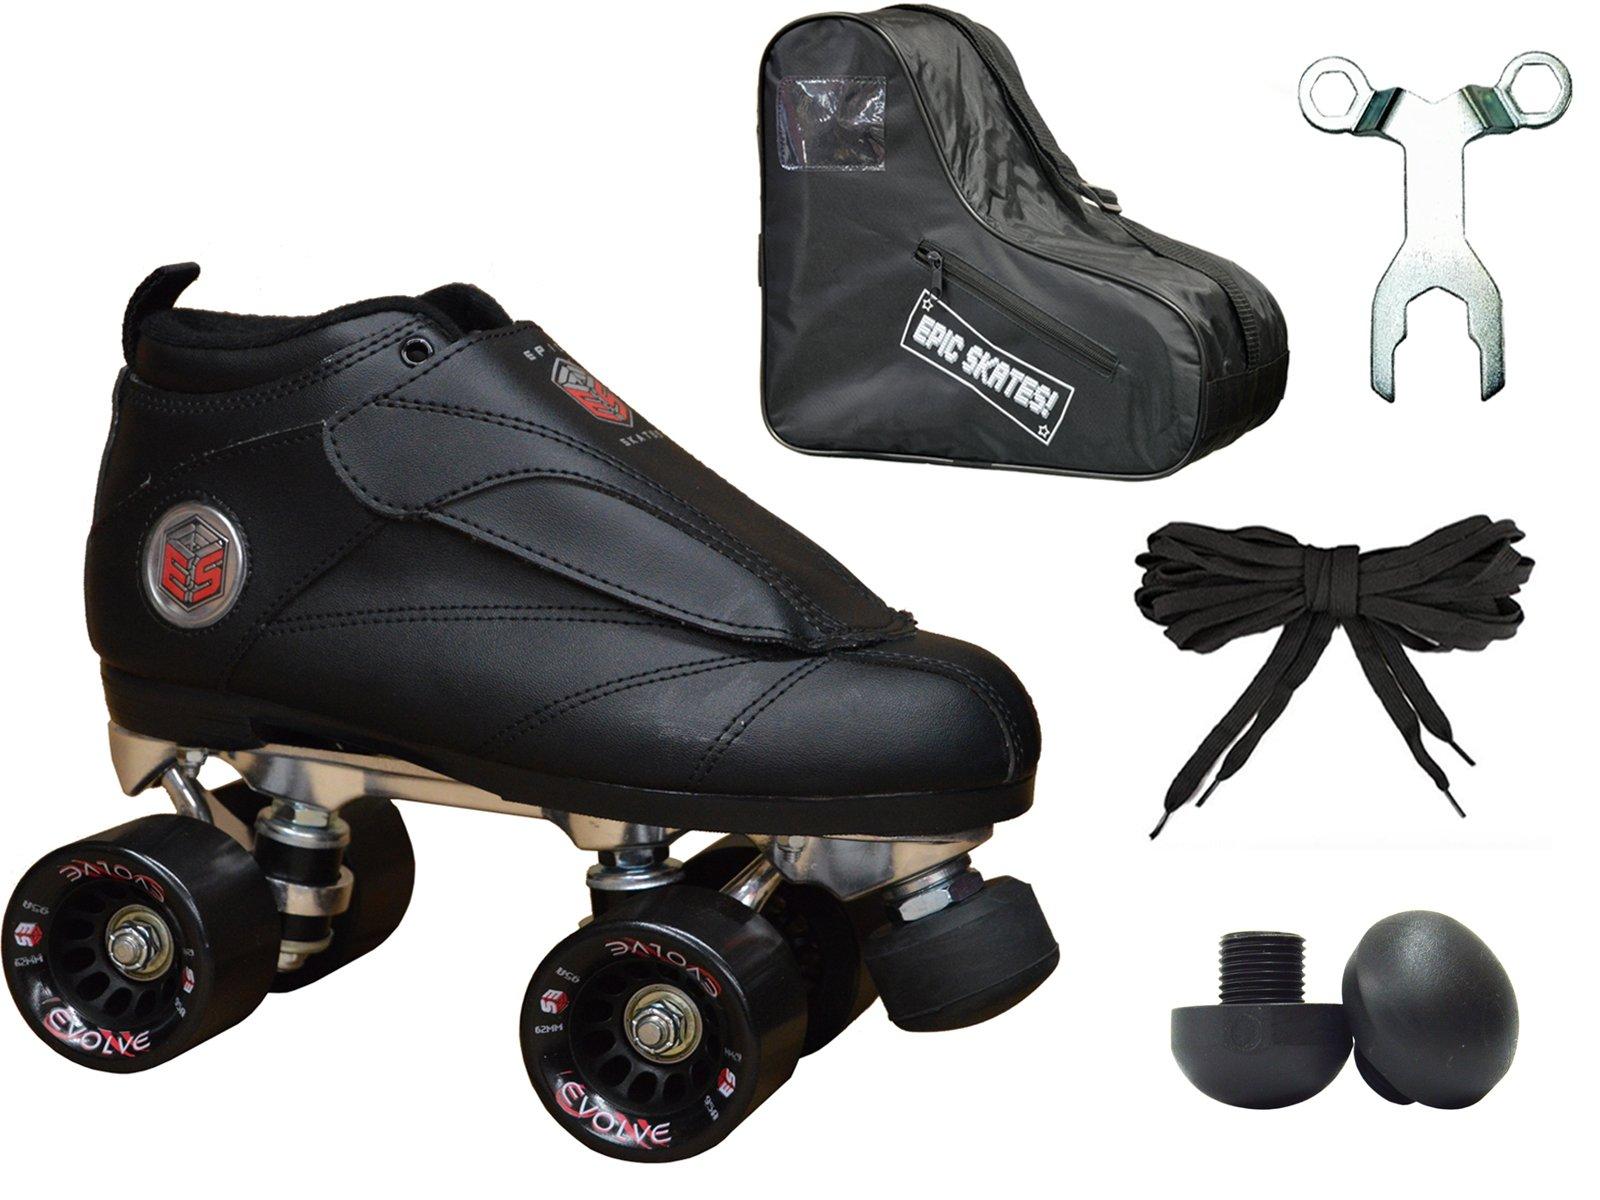 New! Epic Skates Black Evolution Quad Roller Jam Speed Skates & Bag Bundle! (Mens 11)